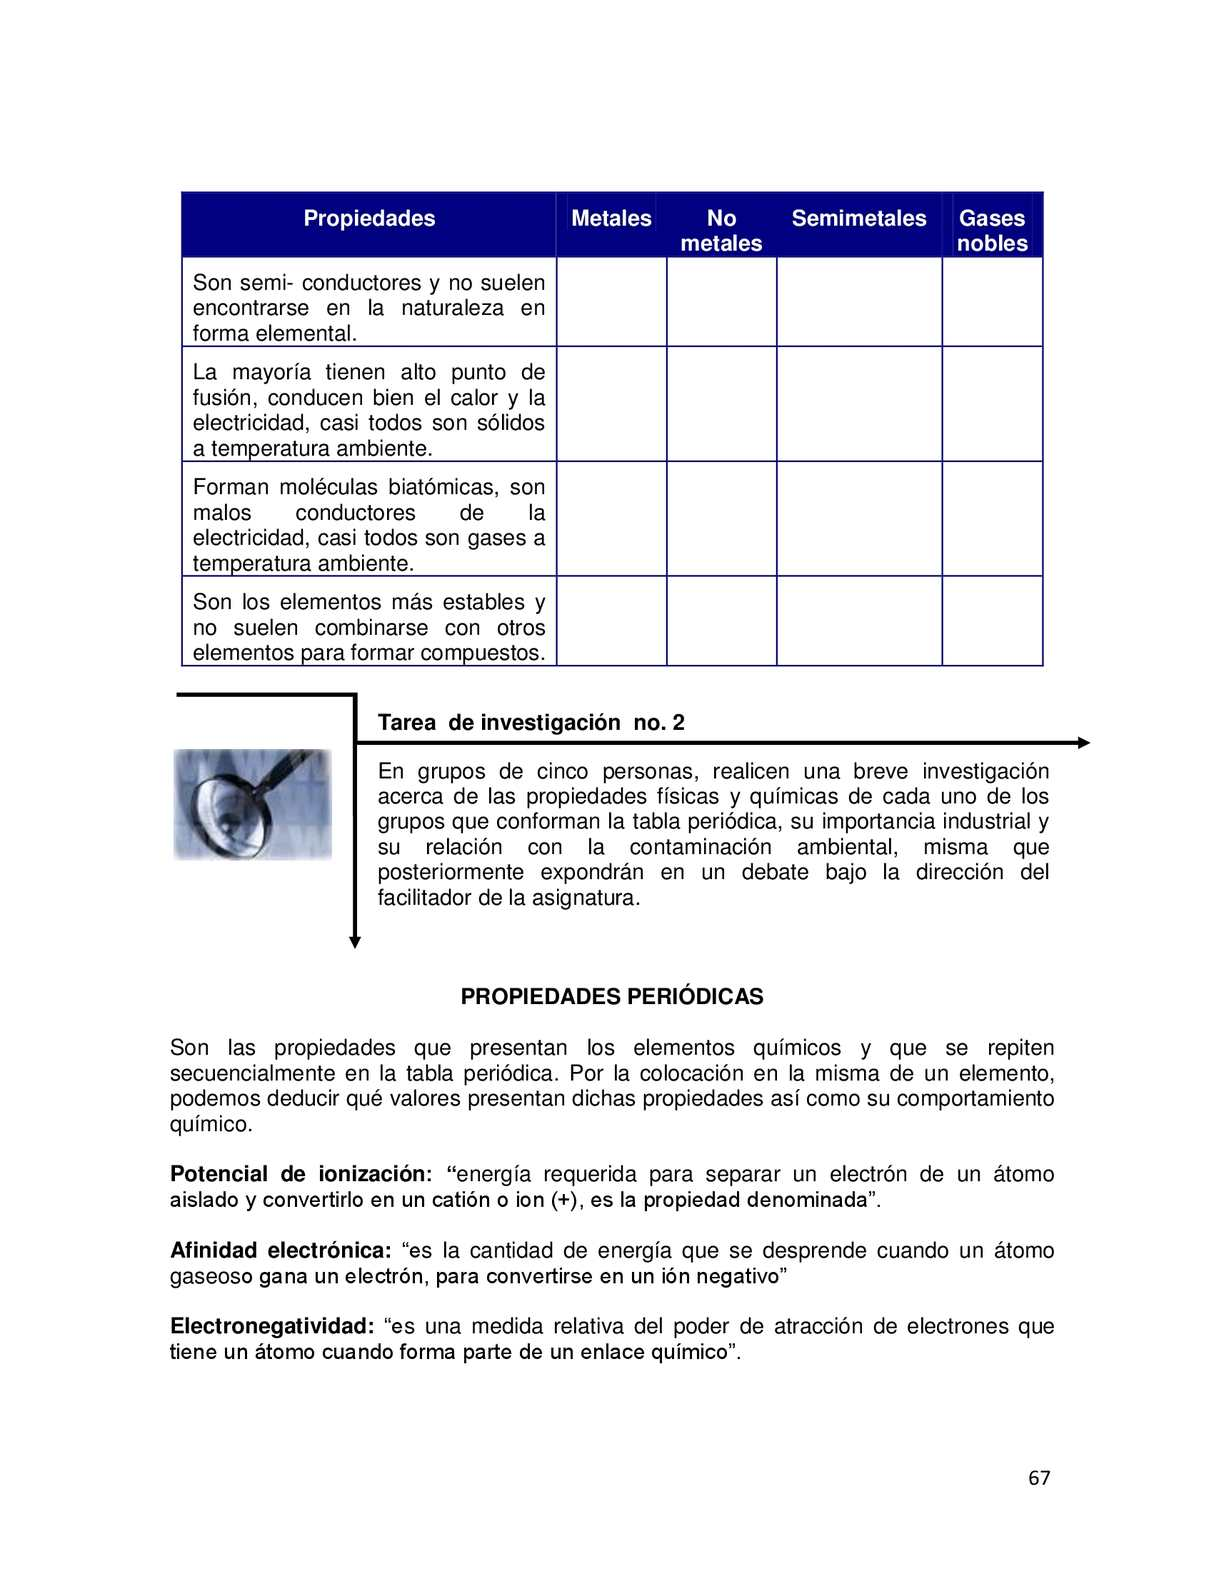 Libro de quimica i calameo downloader page 68 urtaz Gallery